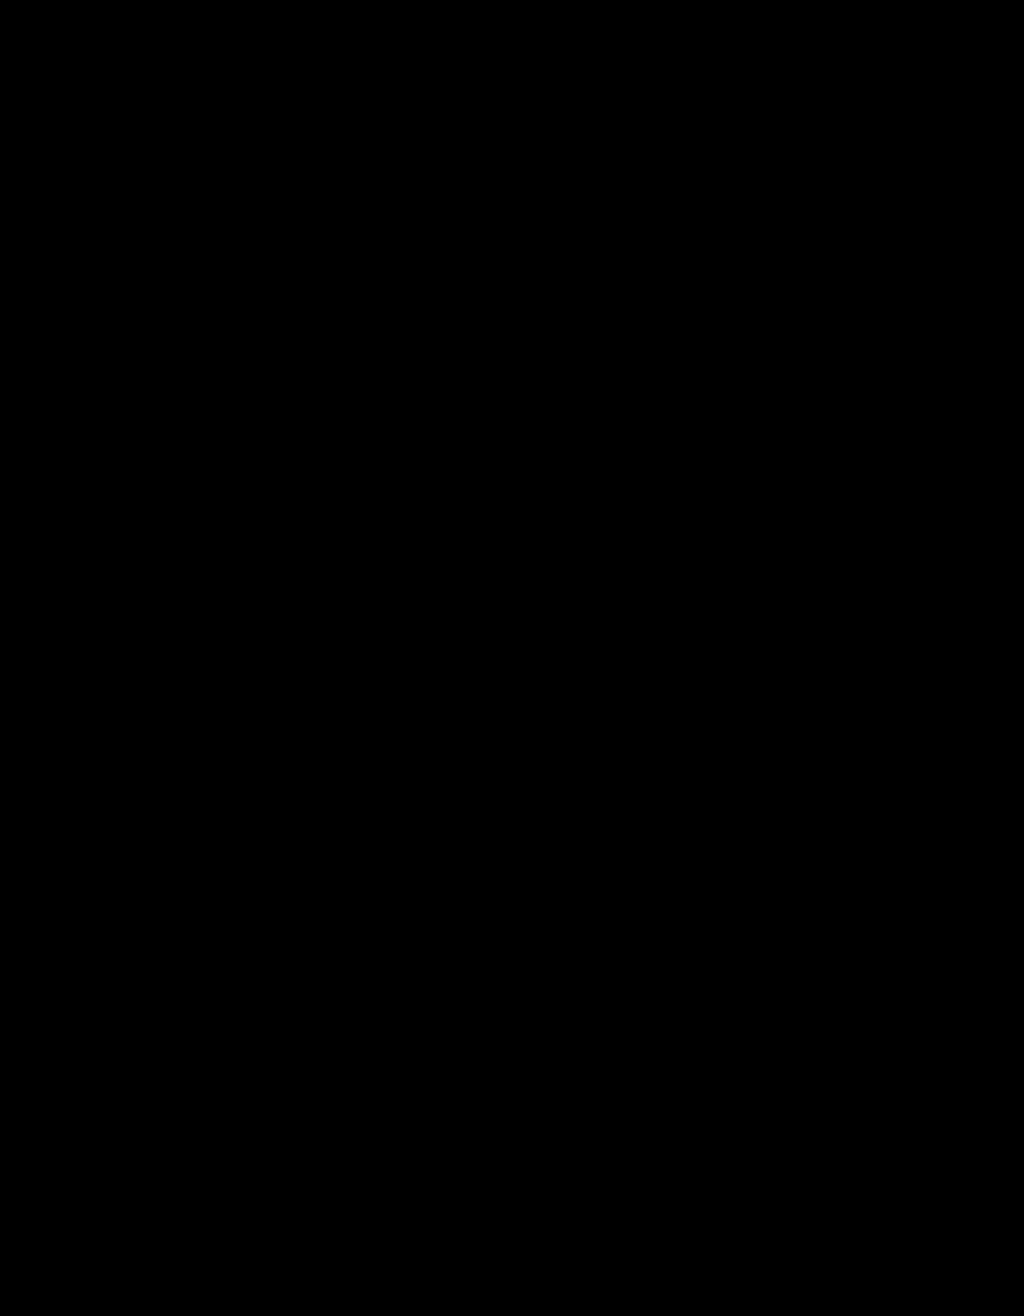 Lars Von Trier a choisi Charlotte Gainsbourg pour être l'héroïne (dérangeante) de ses films à trois reprises.